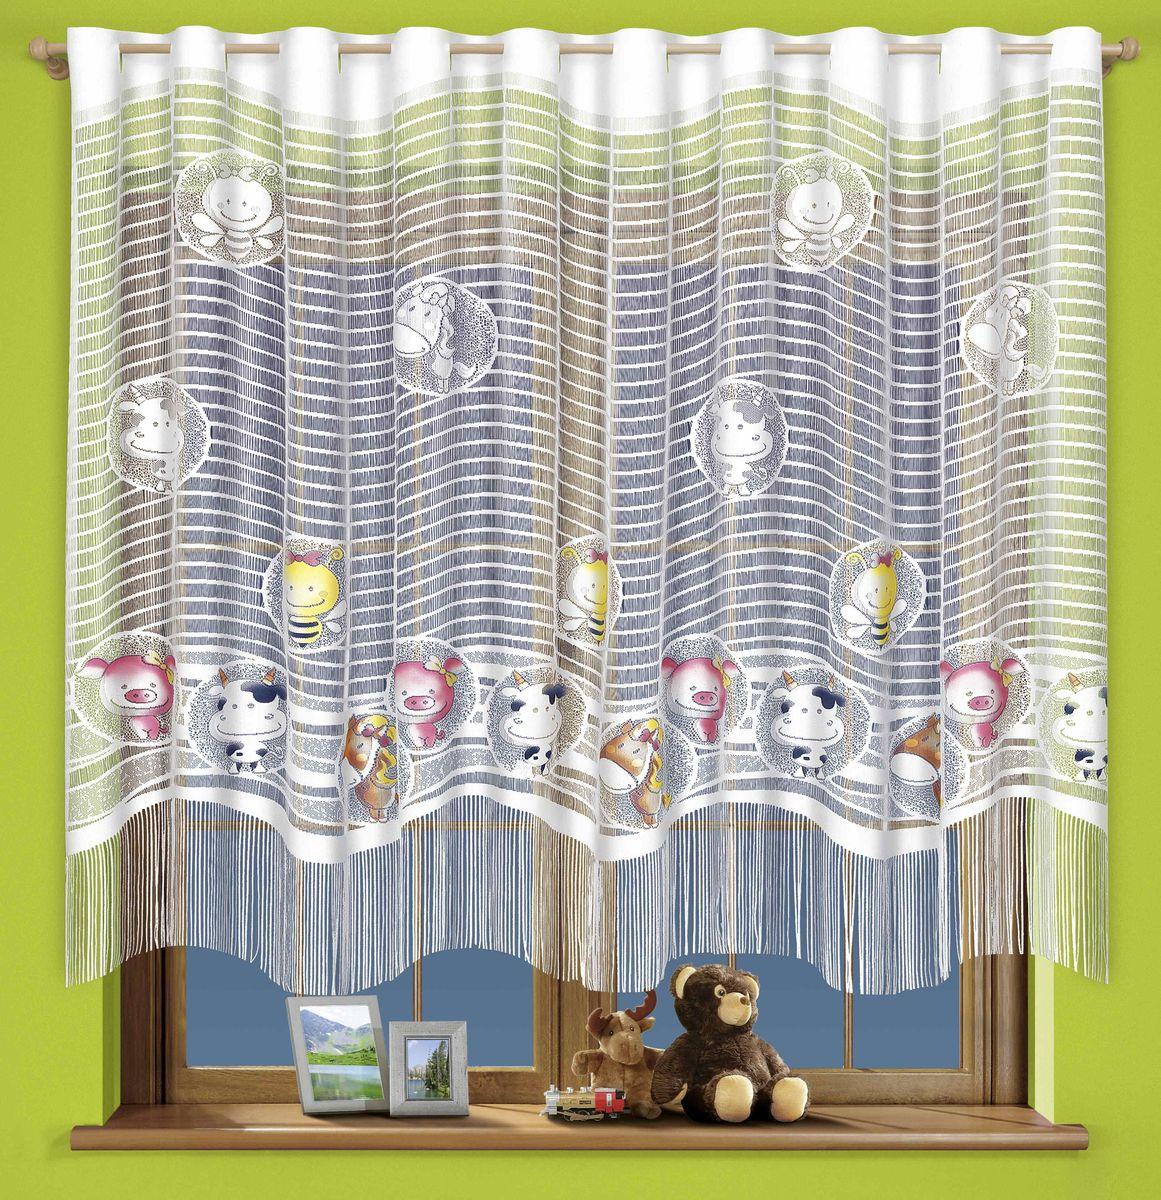 Гардина Wisan Zwierzaki, на петлях, цвет: белый, высота 160 смW542Гардина Wisan Zwierzaki изготовлена из белого полиэстера, легкой, тонкой ткани. Изделие выполнено из бахромы, с забавными вставками зверушек. Тонкое плетение, оригинальный дизайн и приятная цветовая гамма привлекут к себе внимание и органично впишутся в интерьер кухни. Оригинальное оформление гардины внесет разнообразие и подарит заряд положительного настроения.Верхняя часть гардины оснащена петлями для круглого карниза.